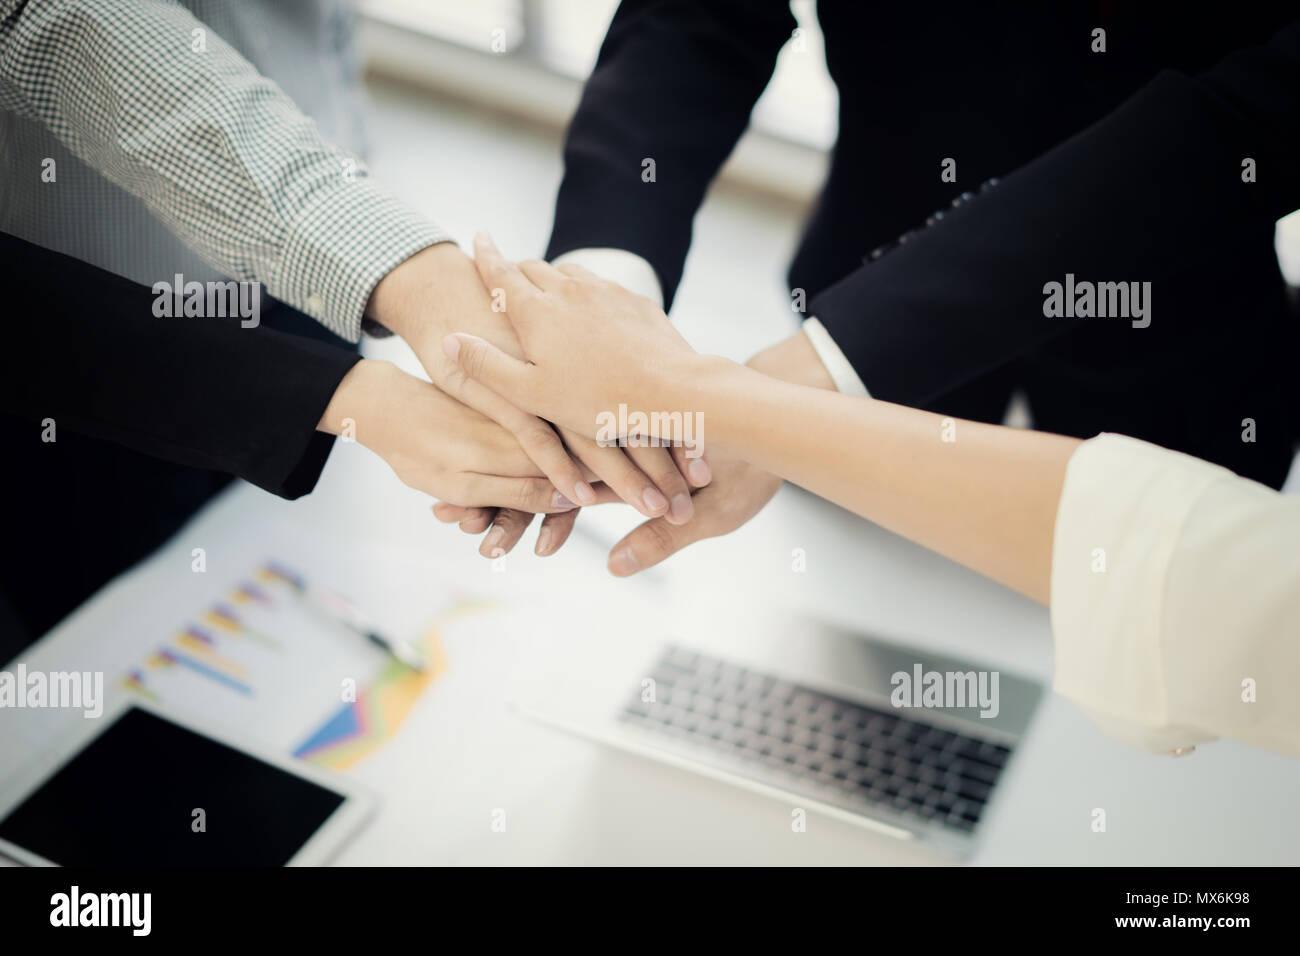 Nahaufnahme, Ansicht von oben Young Business Menschen die Hände zusammen. Stapel von Händen. Einheit und Teamarbeit Konzept. Stockbild